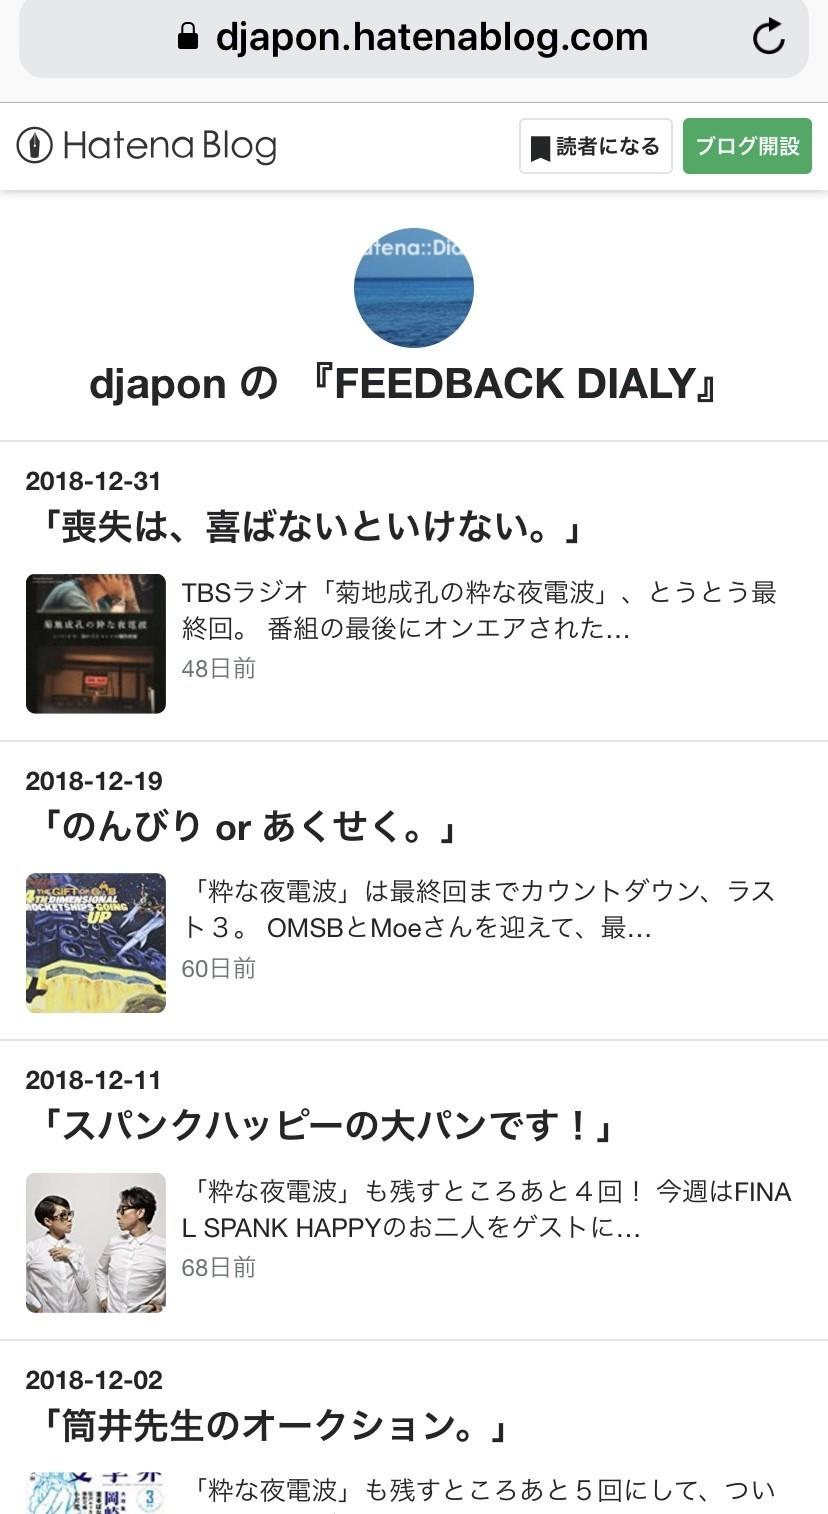 f:id:djapon:20190217085836j:plain